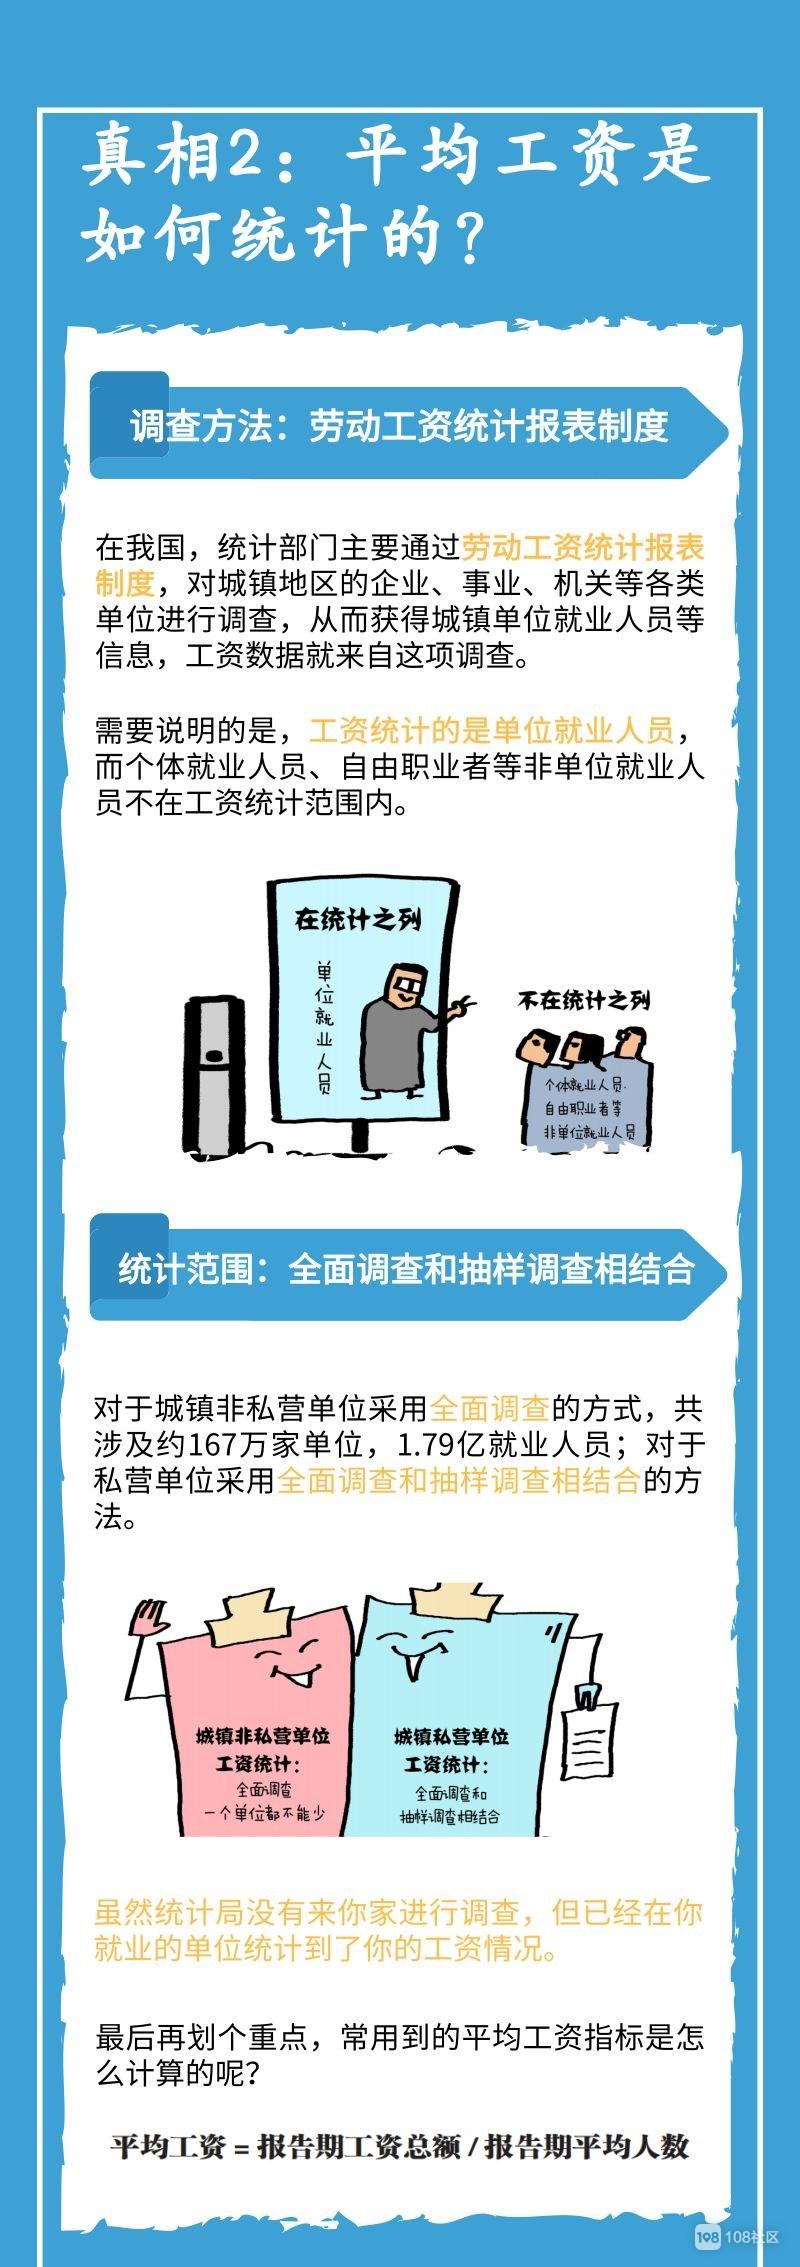 2018年浙江各行业年平均工资出炉!你拖后腿了吗